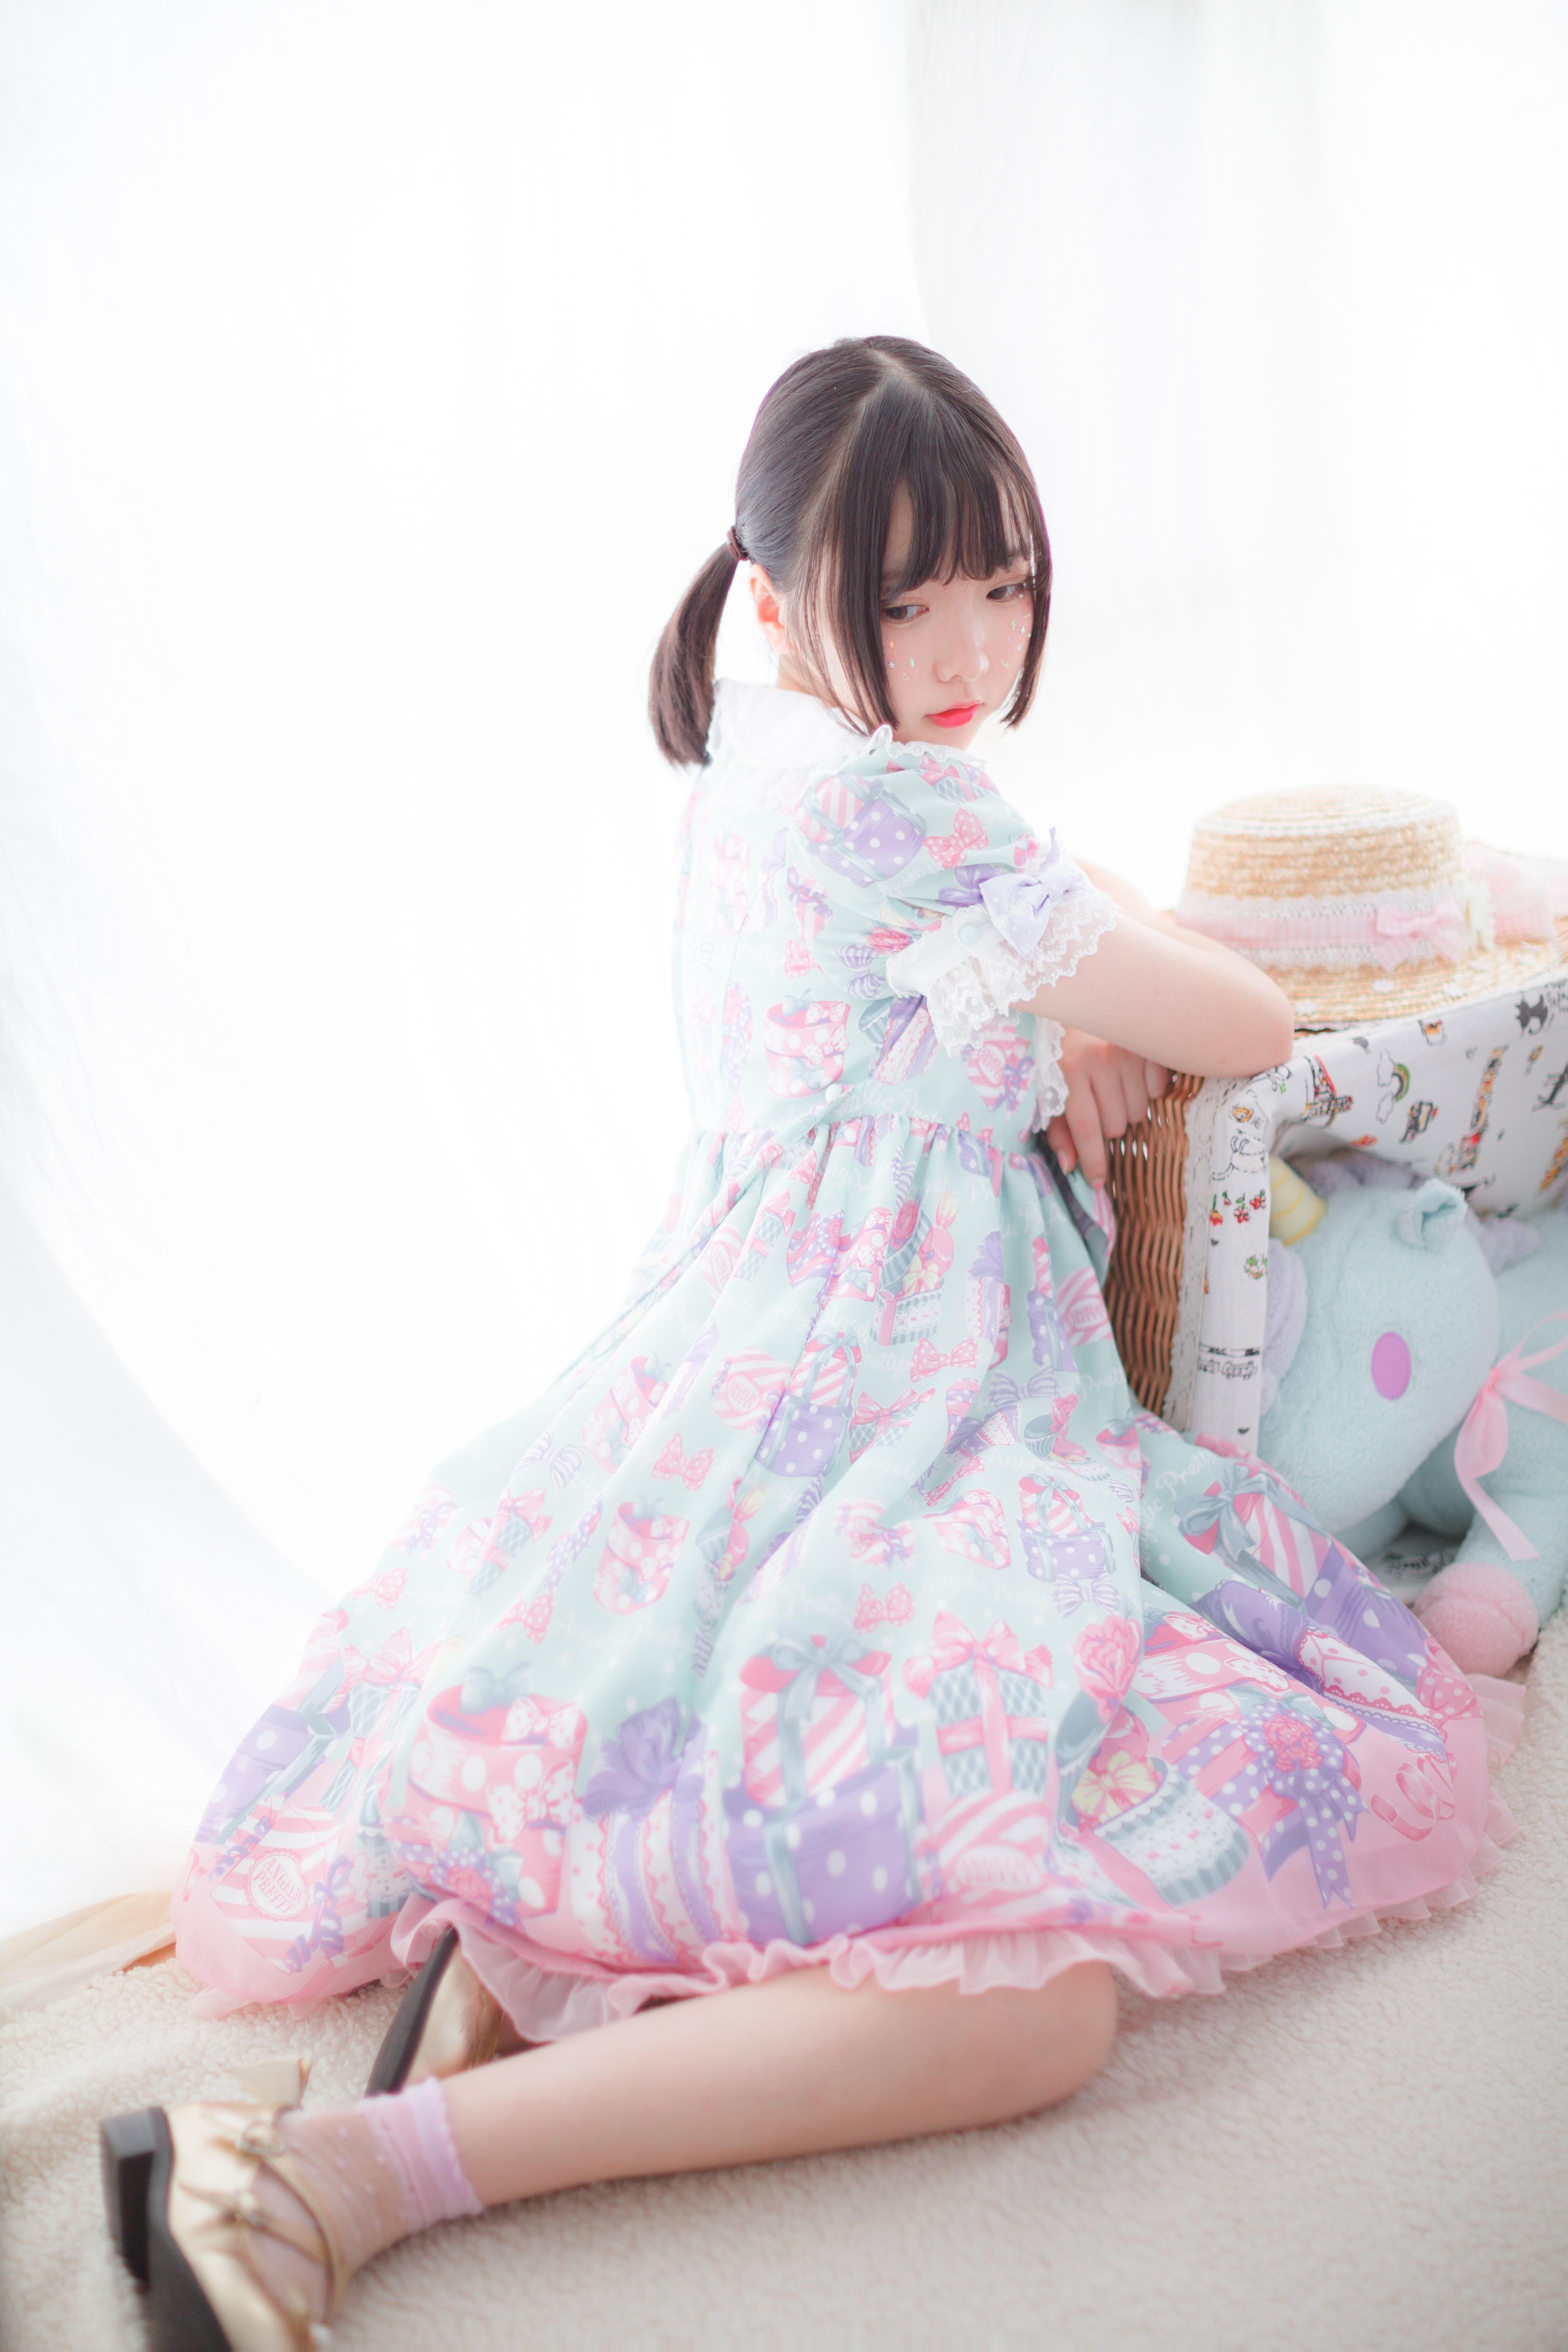 【兔玩映画】软萌小萝莉 兔玩映画 第9张